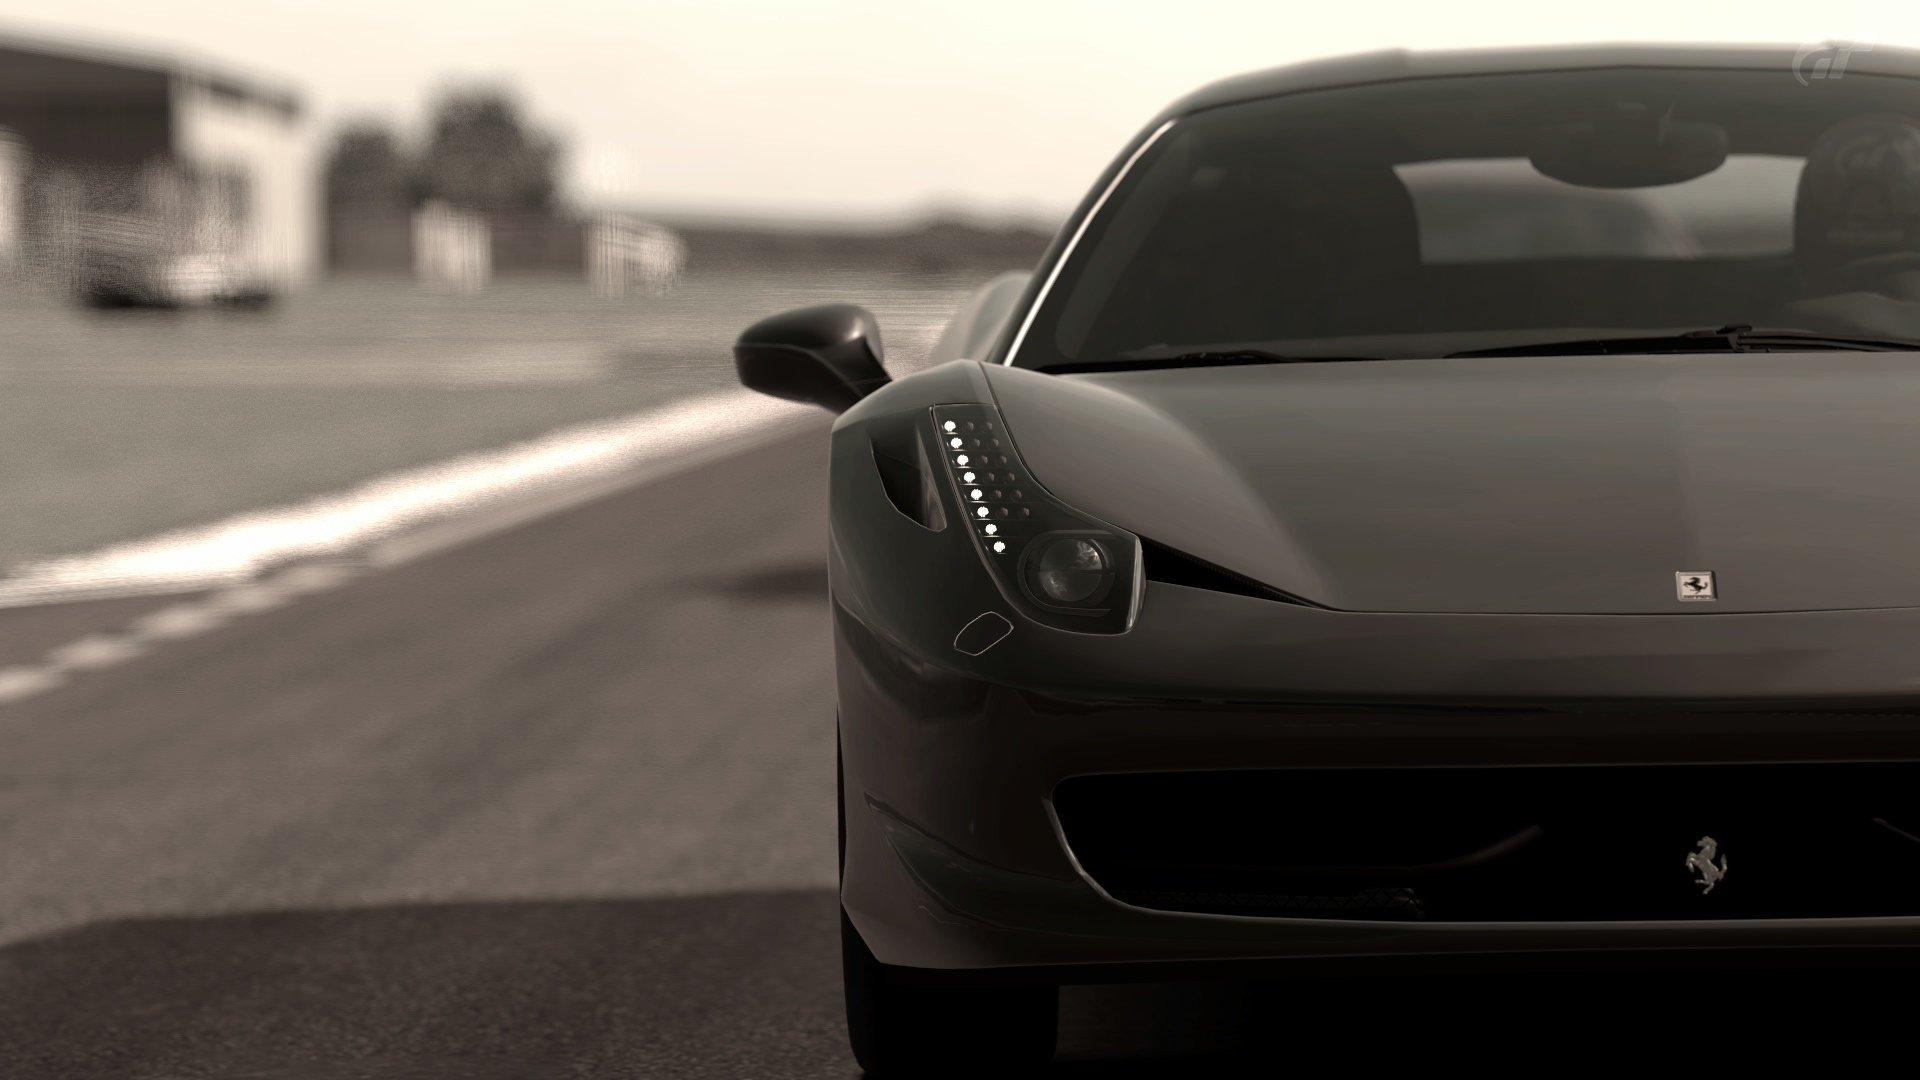 Video Games Cars Grayscale Gran Turismo Ferrari 458 Italia